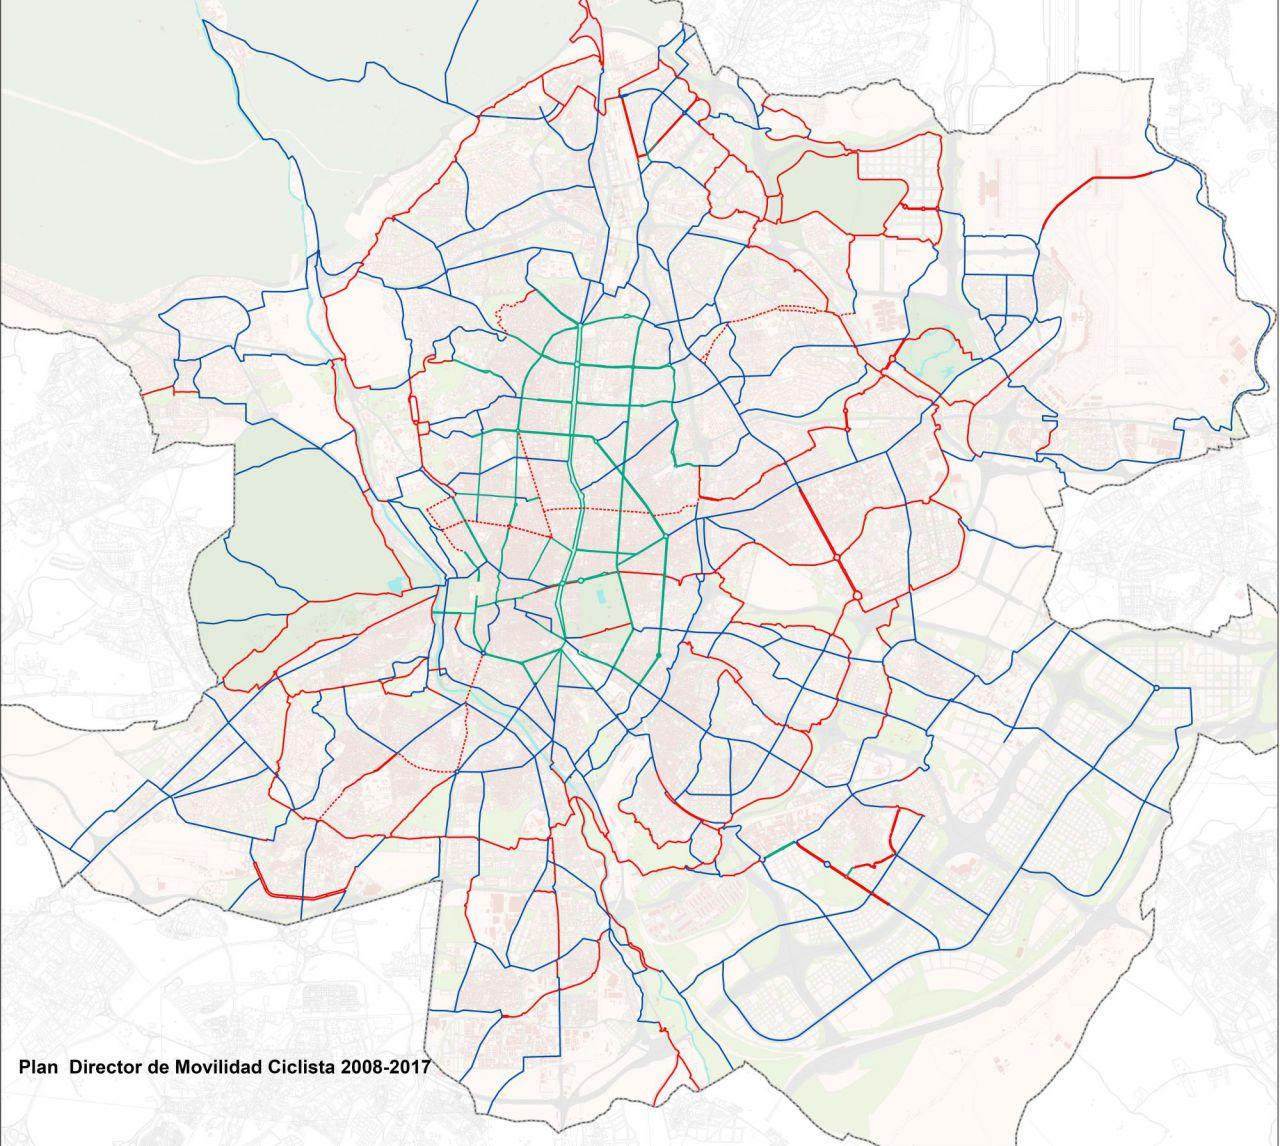 Plan Director Ciclista con todas las rutas previstas para 2025